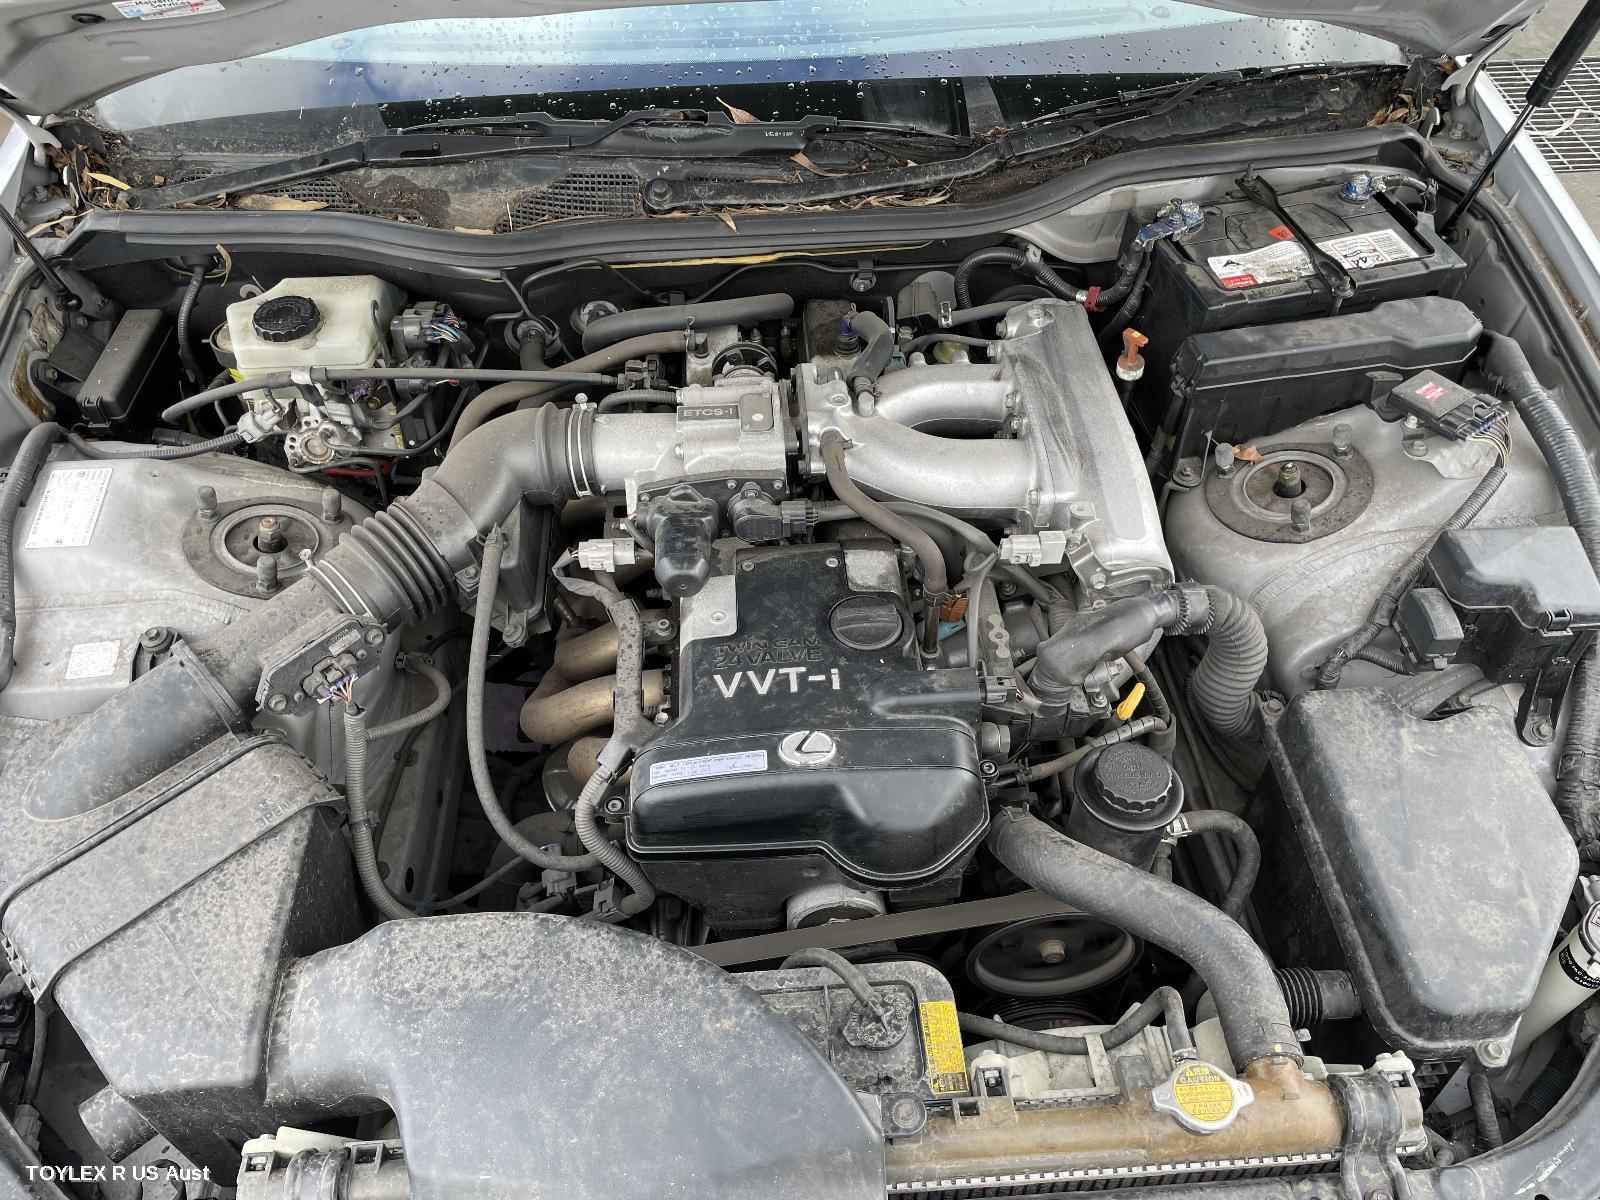 LEXUS GS, Engine, PETROL, 3.0, 2JZ-GTE, VVT-i, NON TURBO, 10/97-12/04